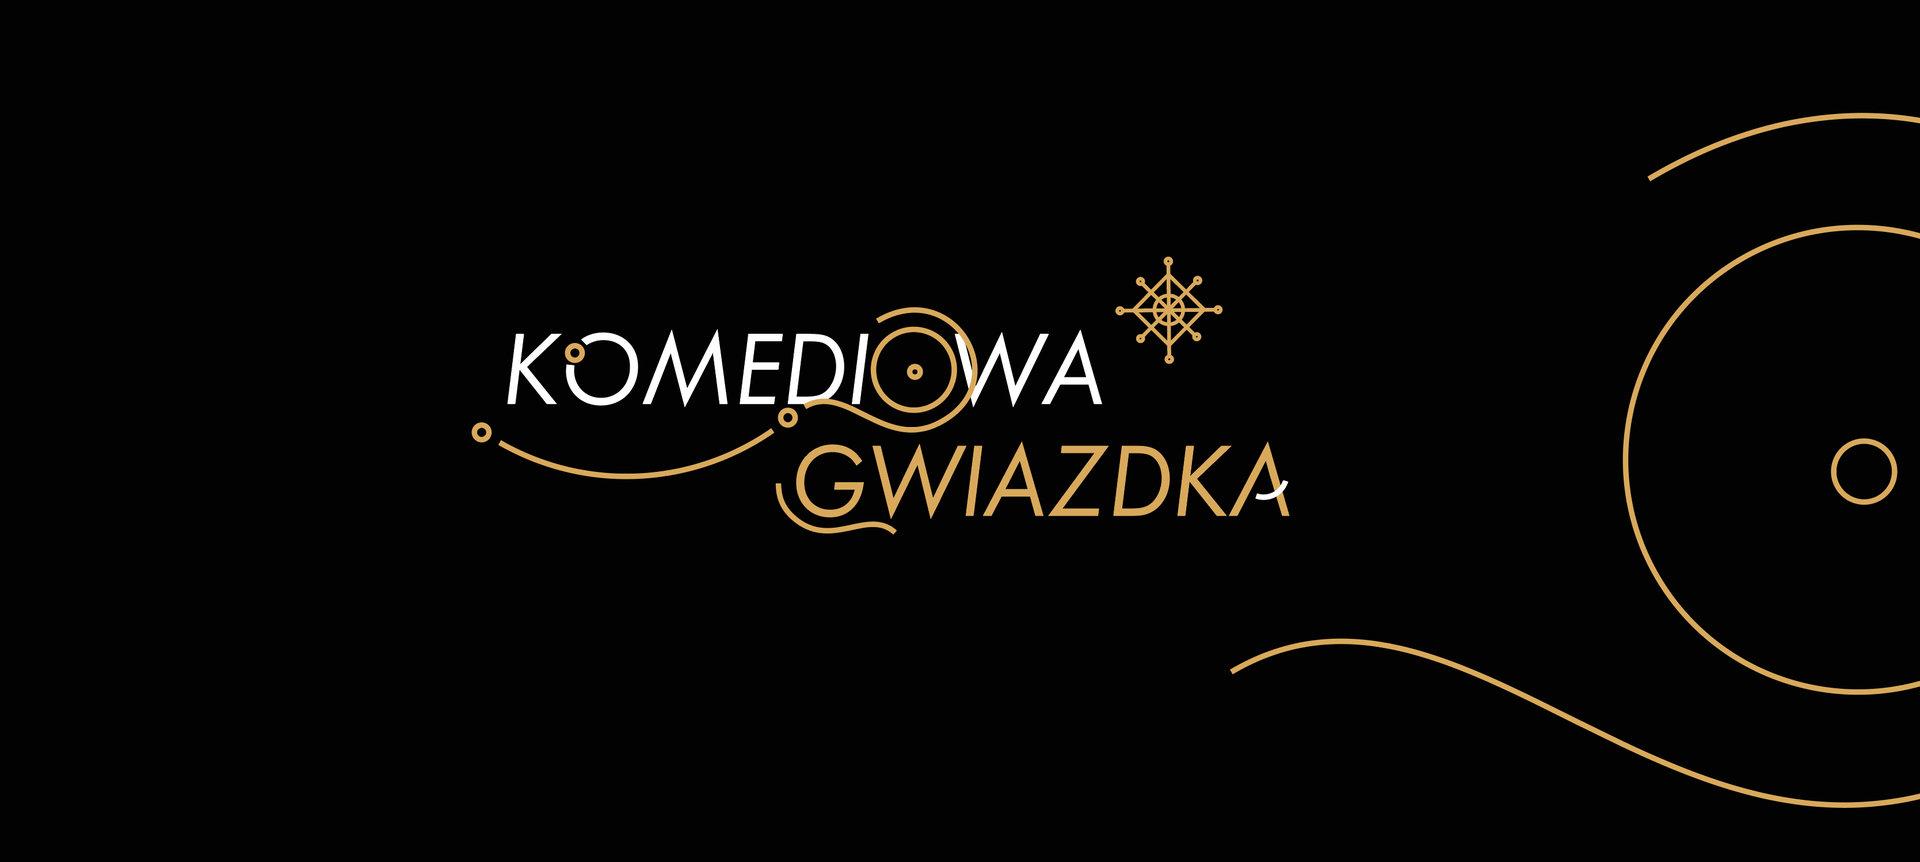 Komediowa gwiazdka na VOD. Świąteczny prezent od nc+ dla abonentów.